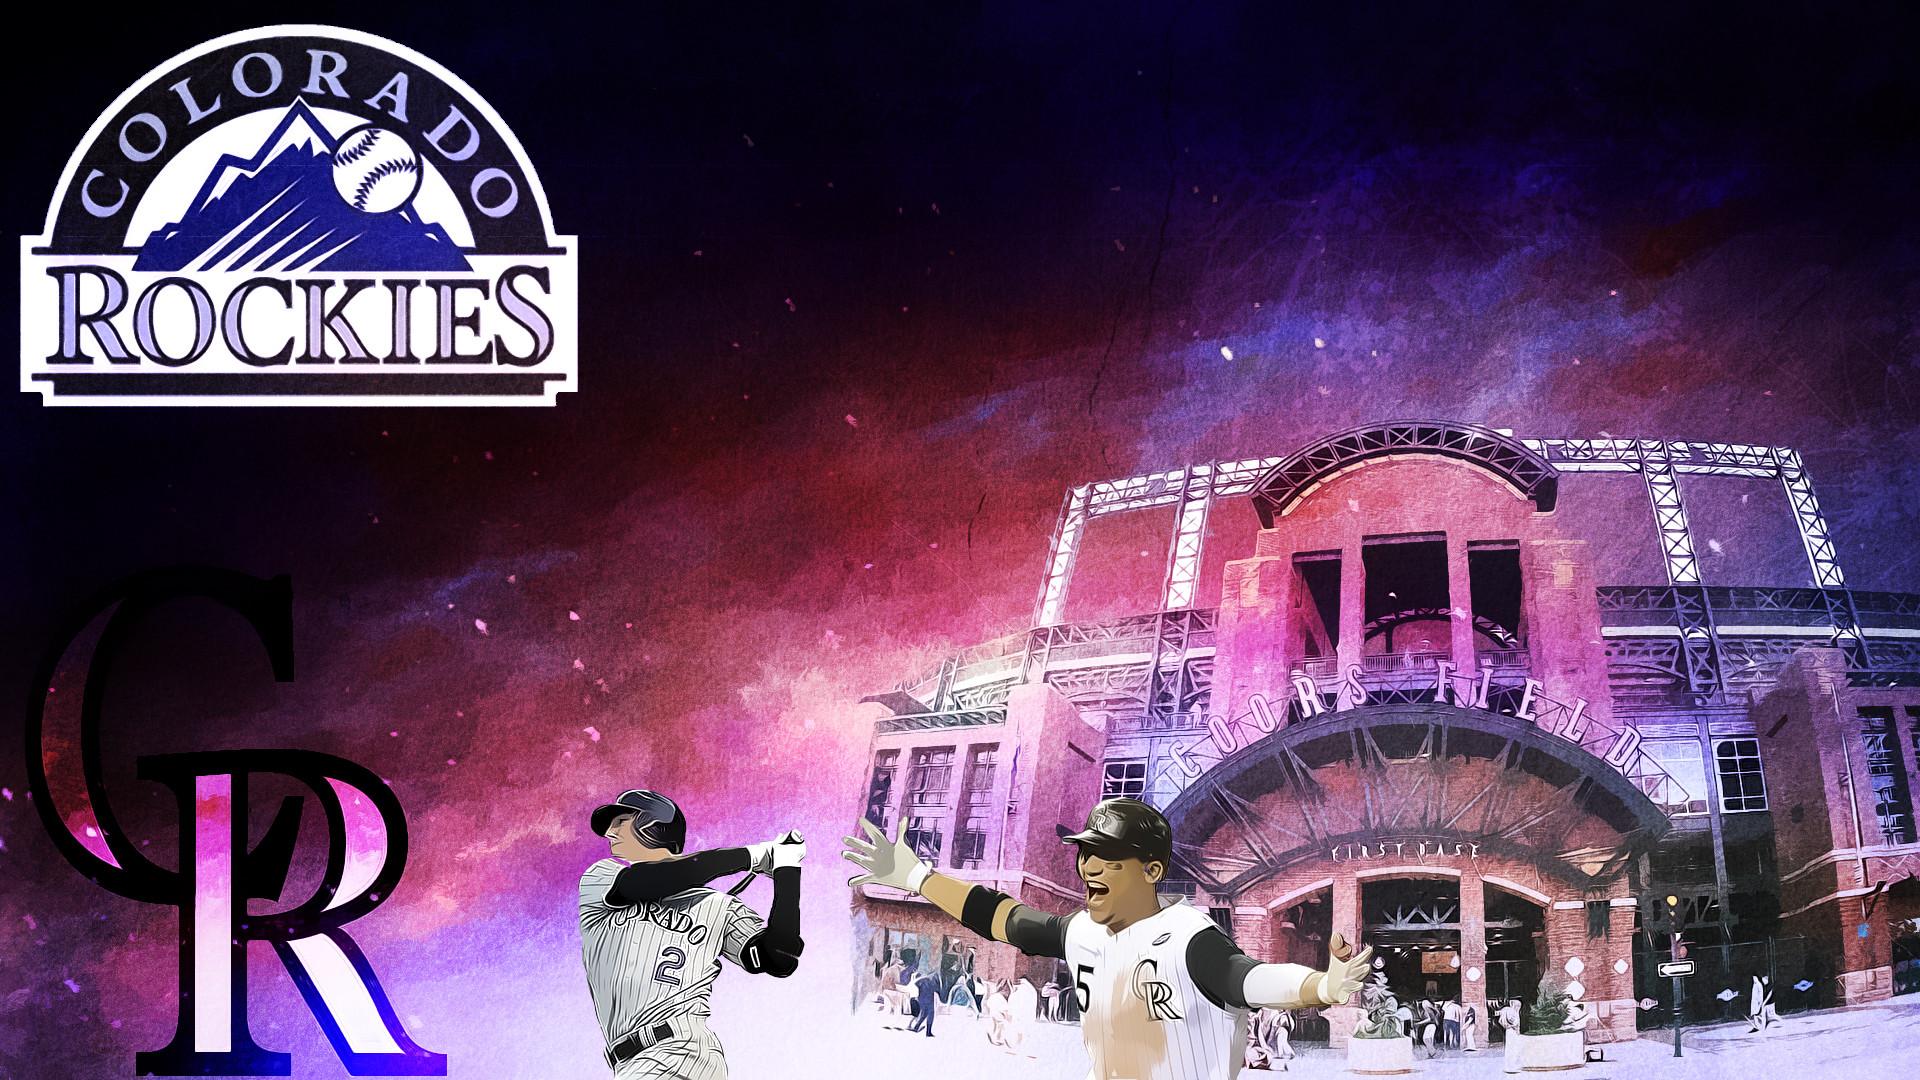 COLORADO ROCKIES baseball mlb (1) wallpaper     227929    WallpaperUP